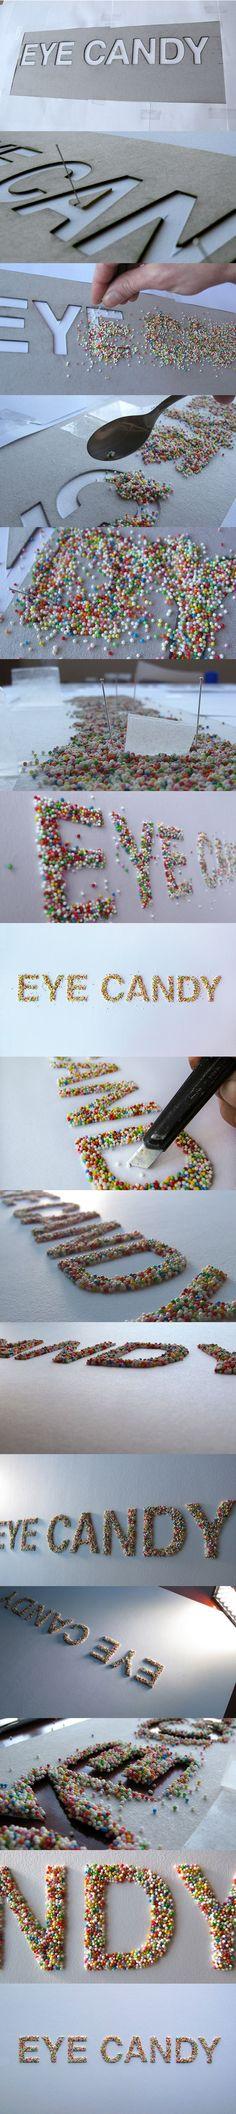 Eye Candy by Patrick Simons: